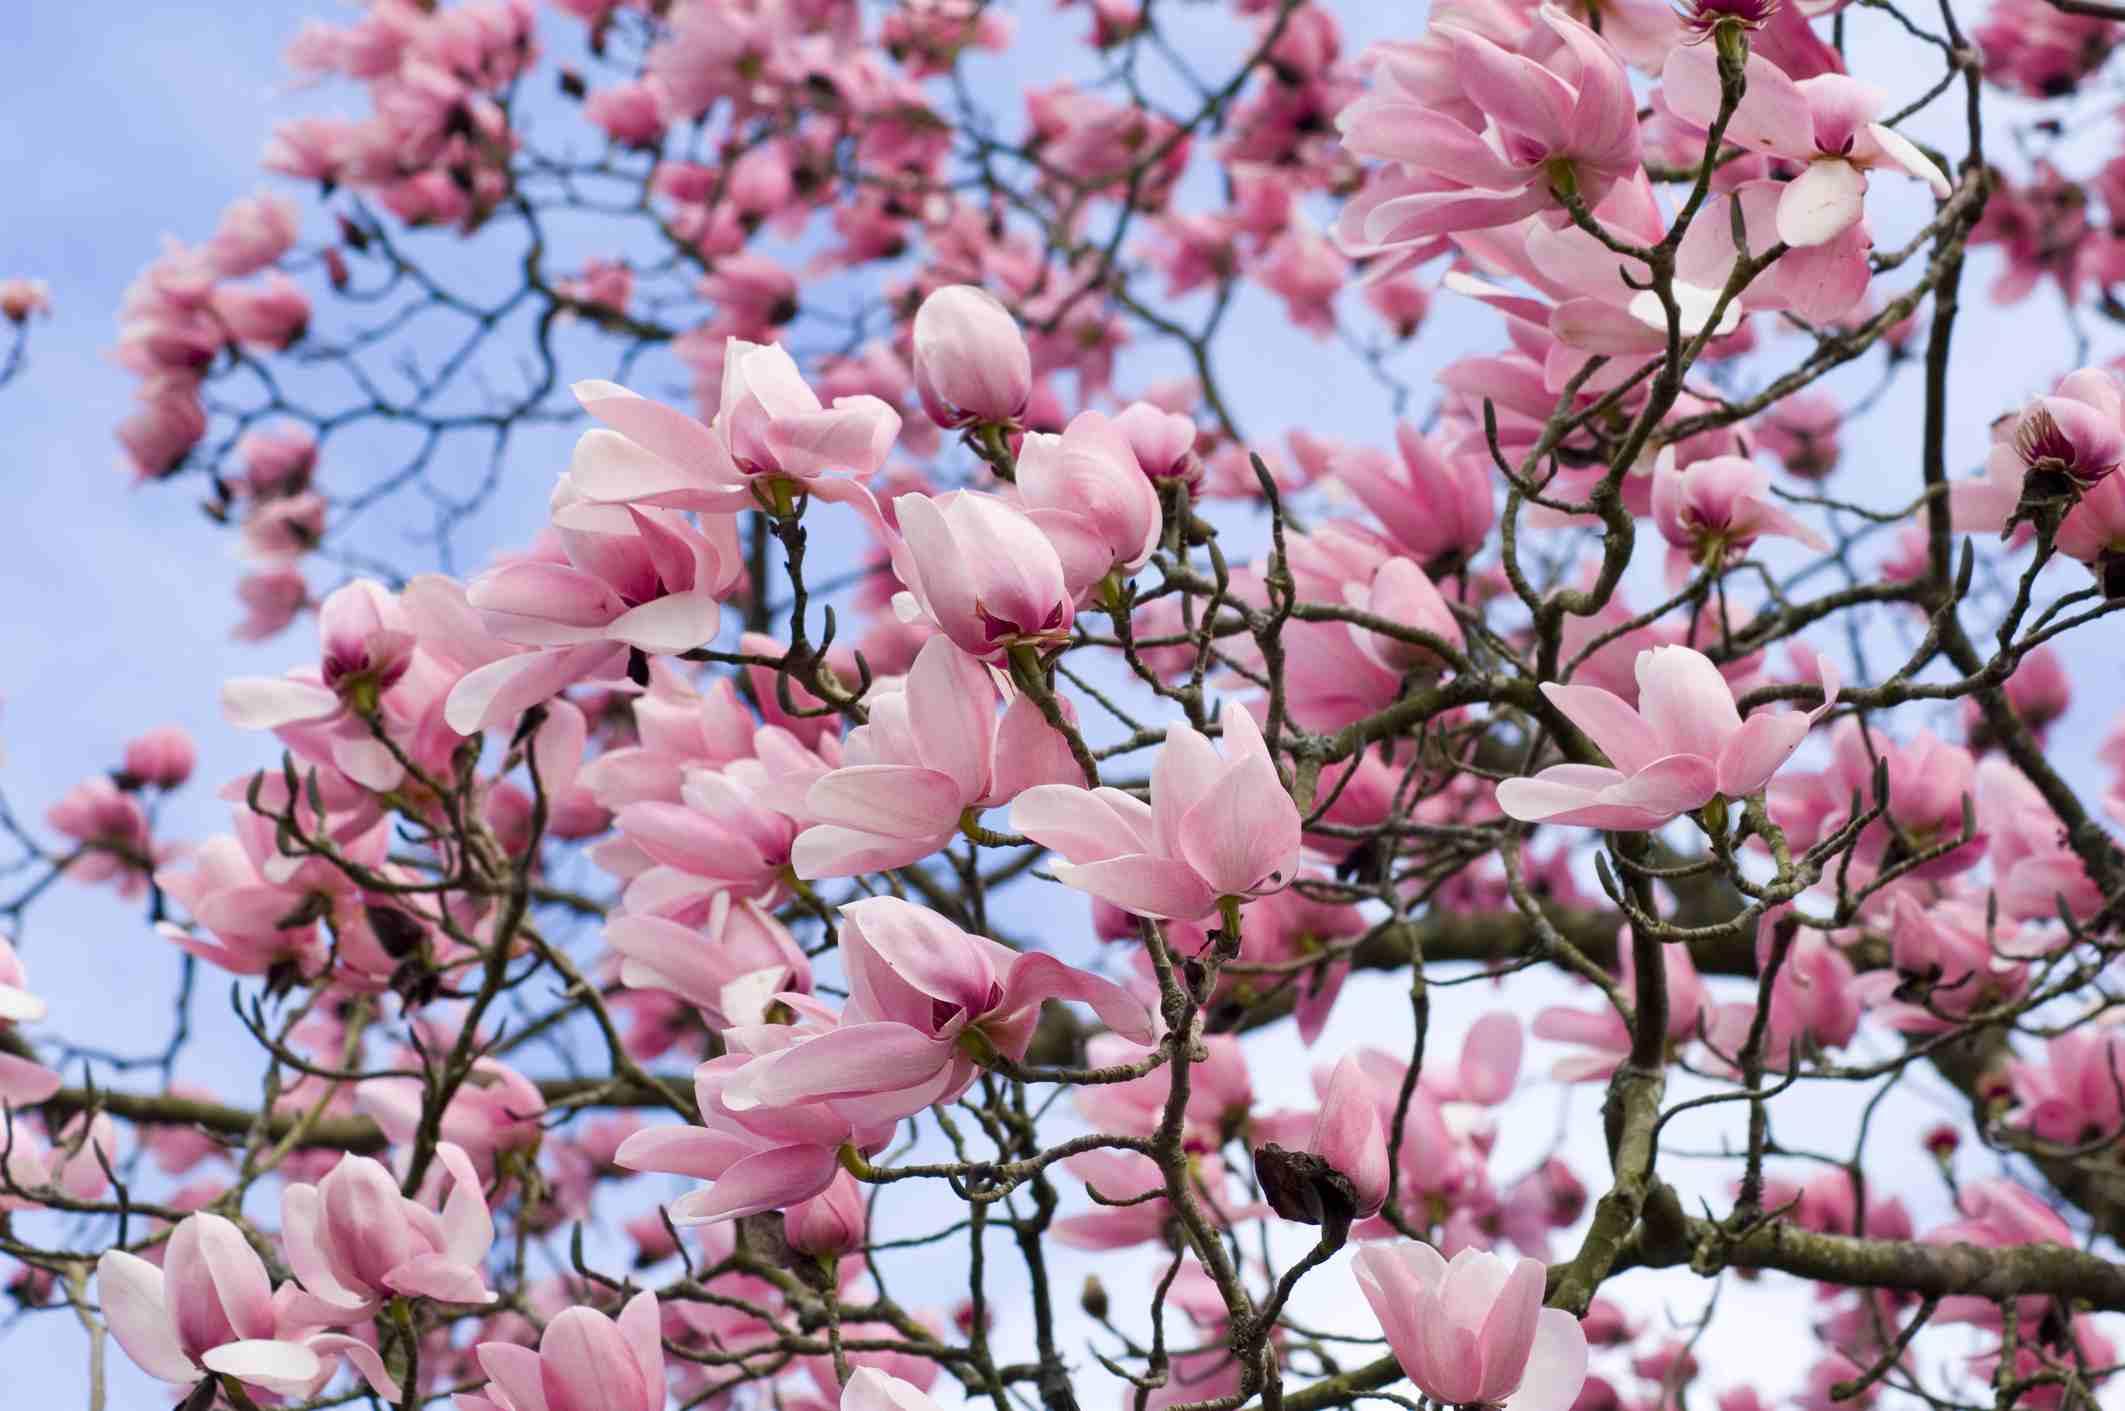 Campbell's magnolia tree (Magnolia campbellii) in bloom.